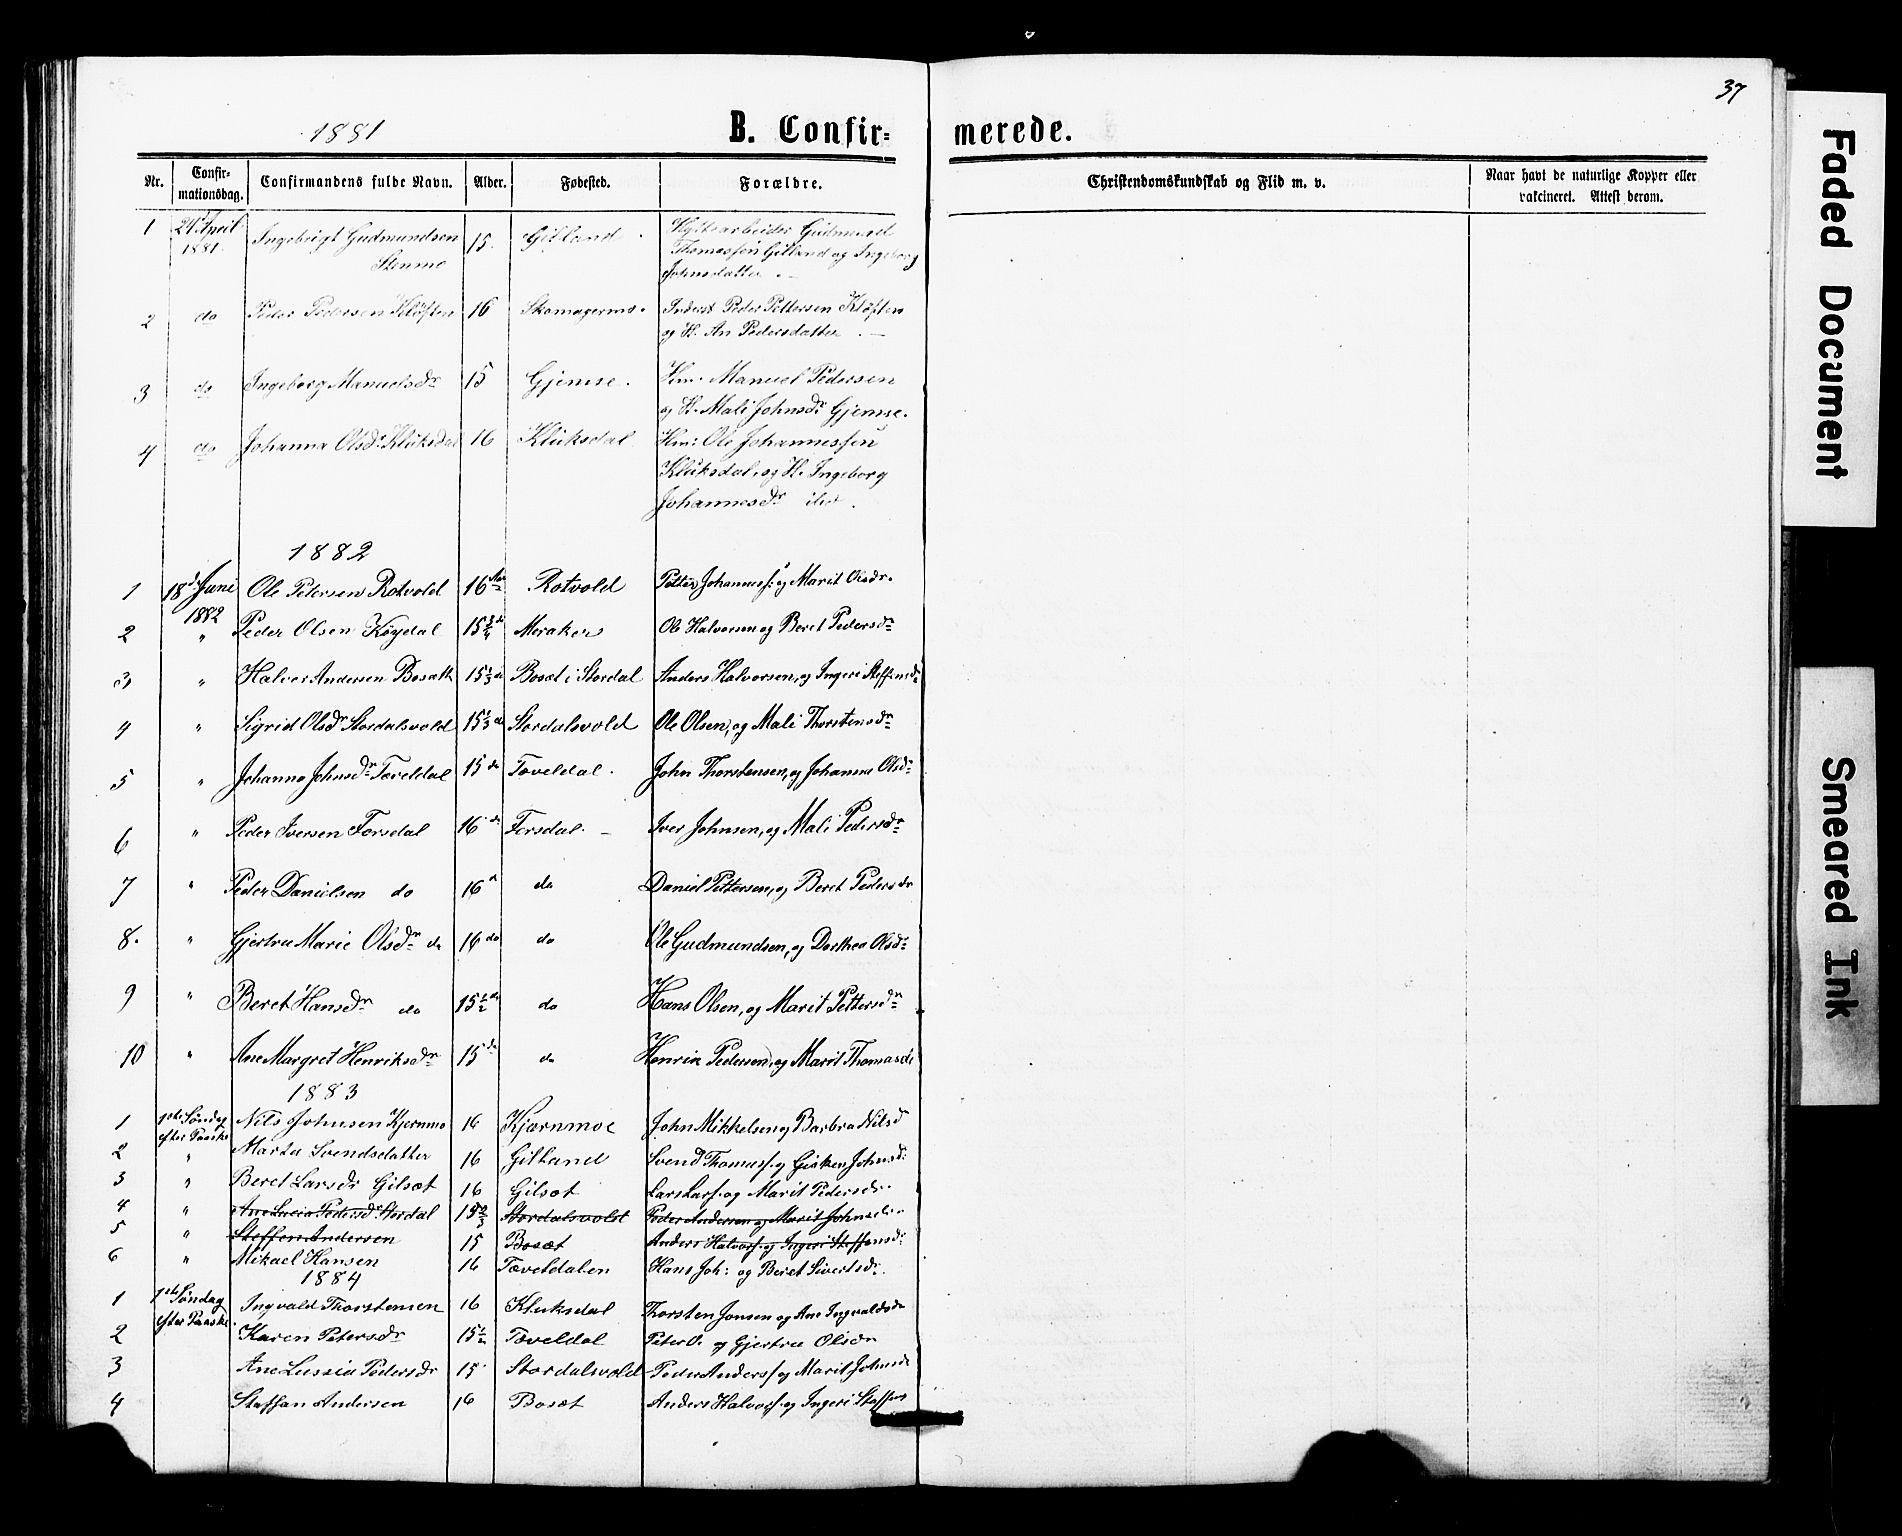 SAT, Ministerialprotokoller, klokkerbøker og fødselsregistre - Nord-Trøndelag, 707/L0052: Klokkerbok nr. 707C01, 1864-1897, s. 37